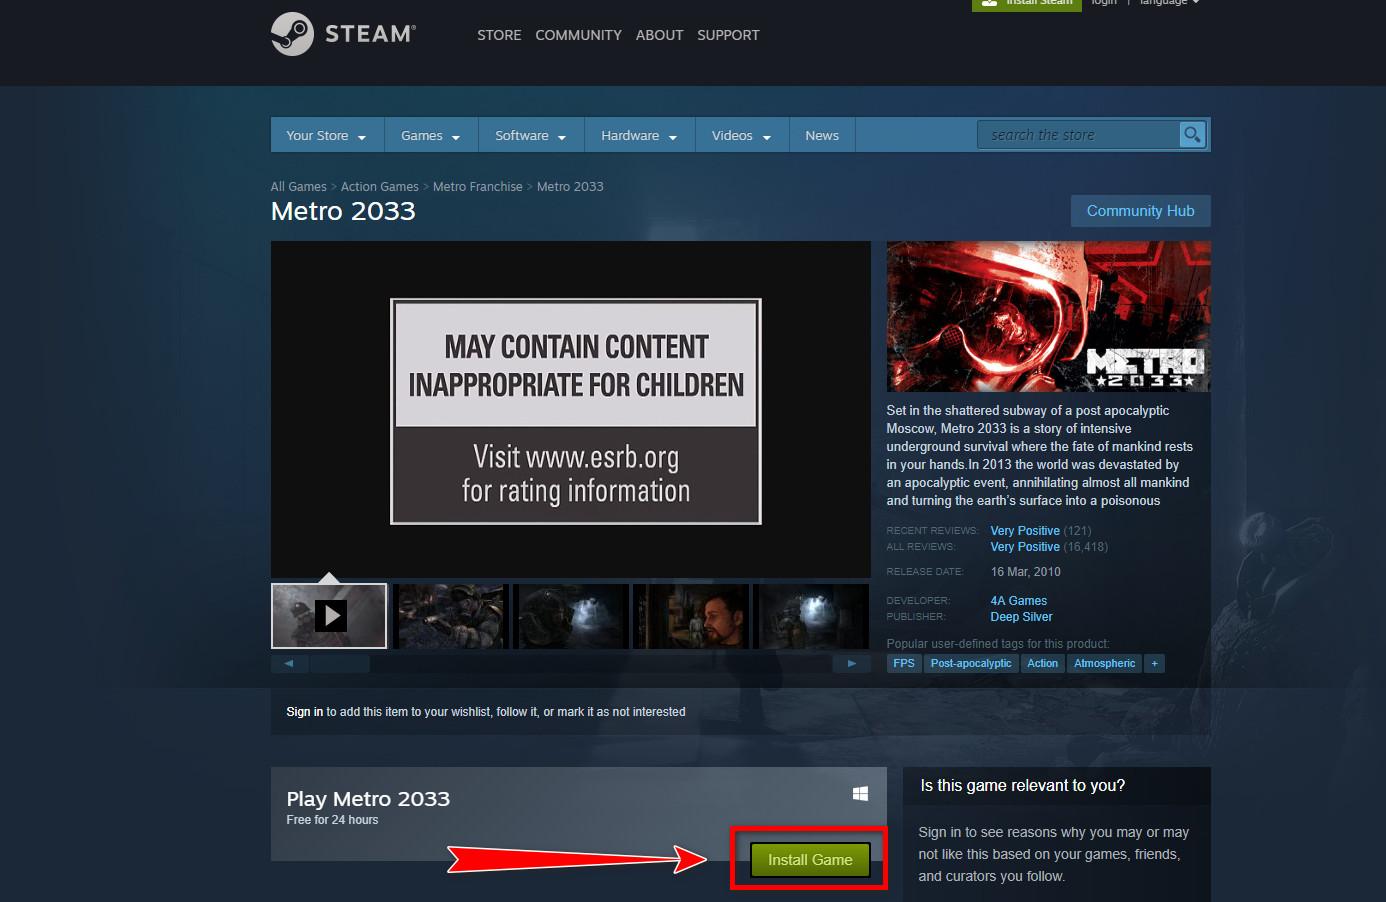 Nhận ngay bom tấn Metro 2033 đang miễn phí trong vòng 24H